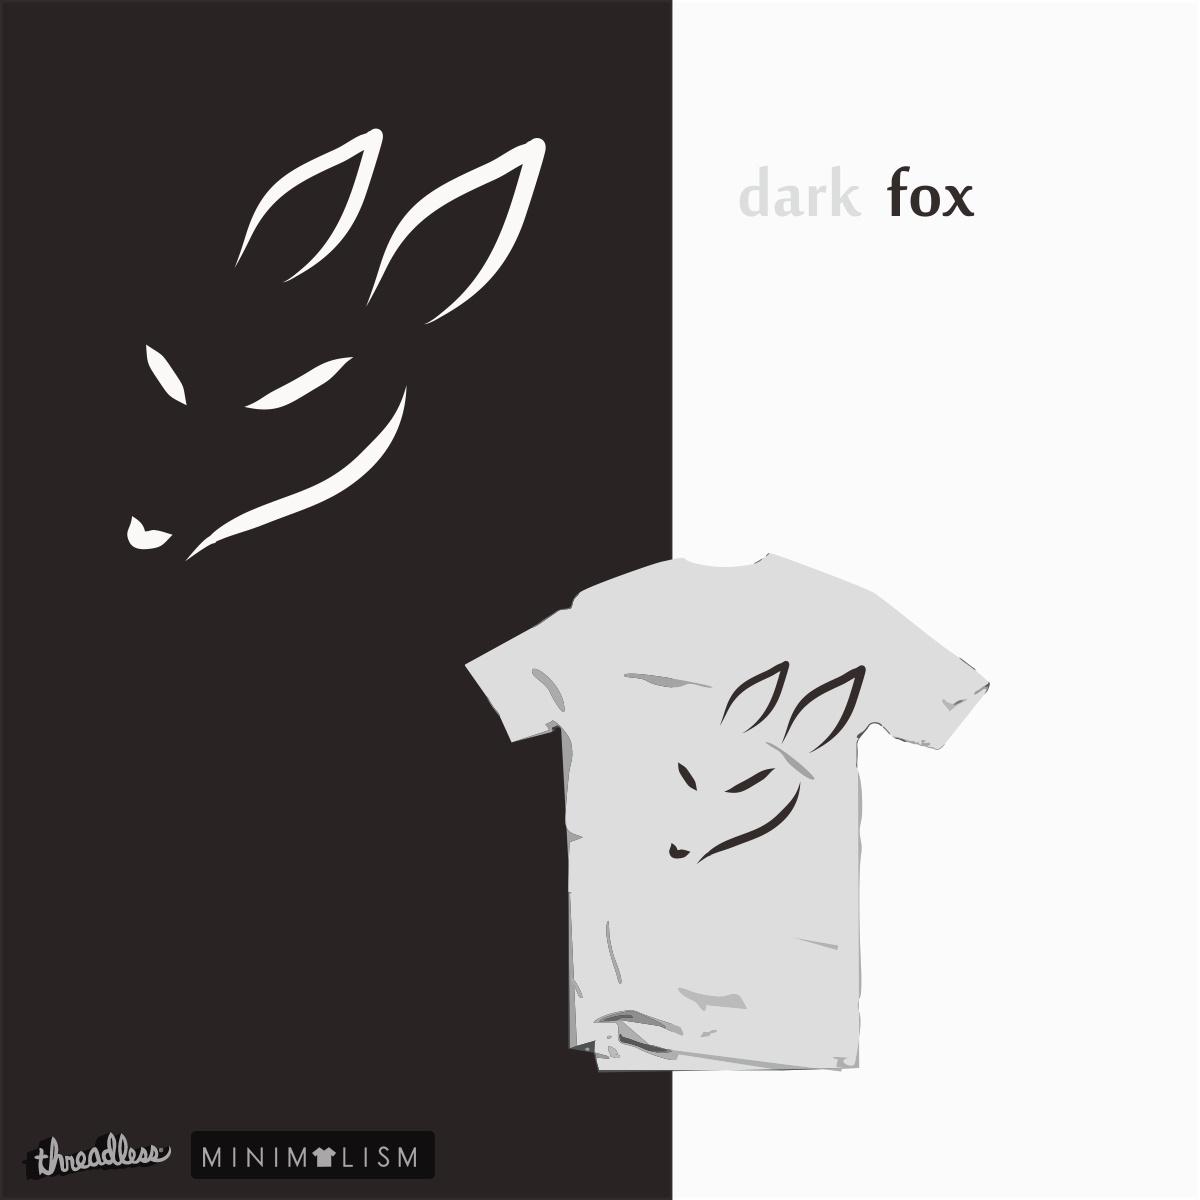 dark fox by artphobia on Threadless